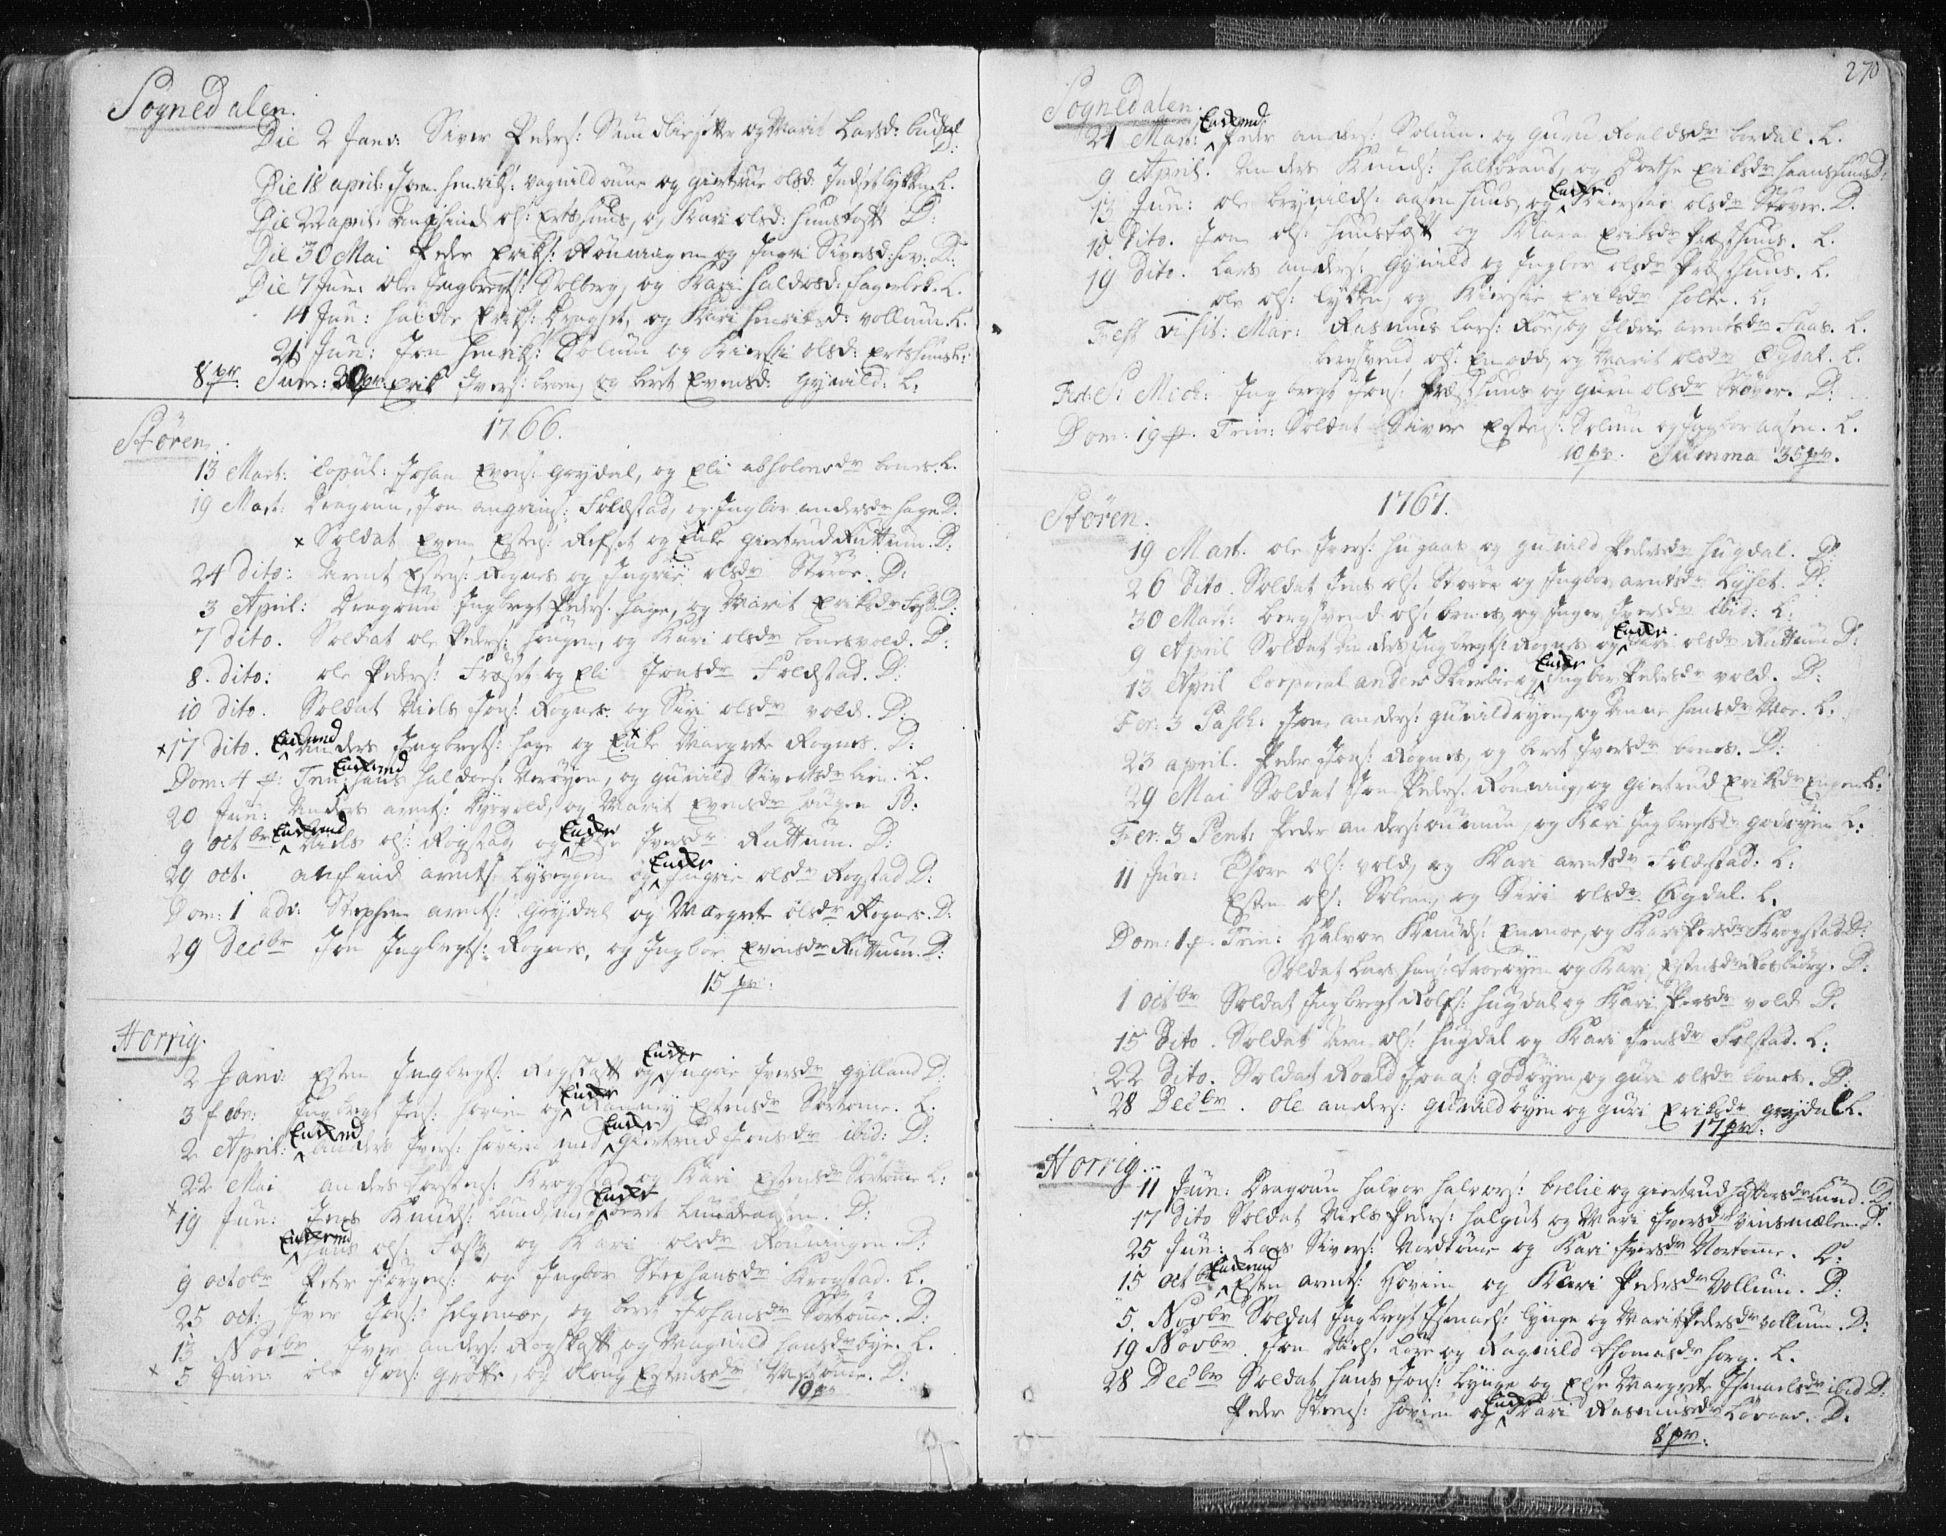 SAT, Ministerialprotokoller, klokkerbøker og fødselsregistre - Sør-Trøndelag, 687/L0991: Ministerialbok nr. 687A02, 1747-1790, s. 270